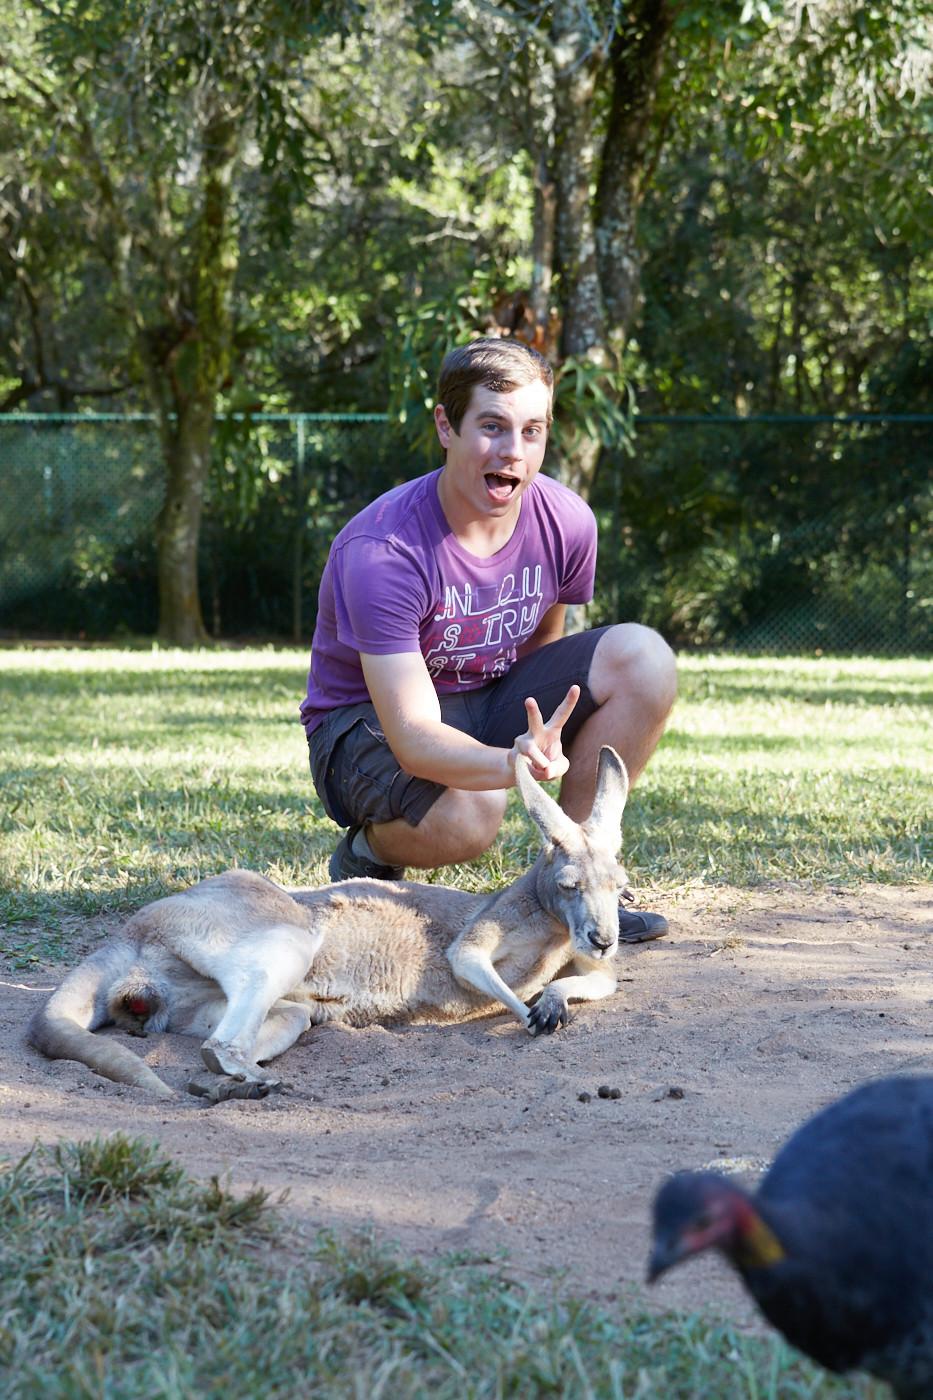 Foto 1 von unseren 6 lustigen Tierfotos. Ronnie konnte letztendlich doch noch ein Foto mit einem Wallaby machen. Der Truthahn hatte sich noch aufs Foto dazugeschlichen